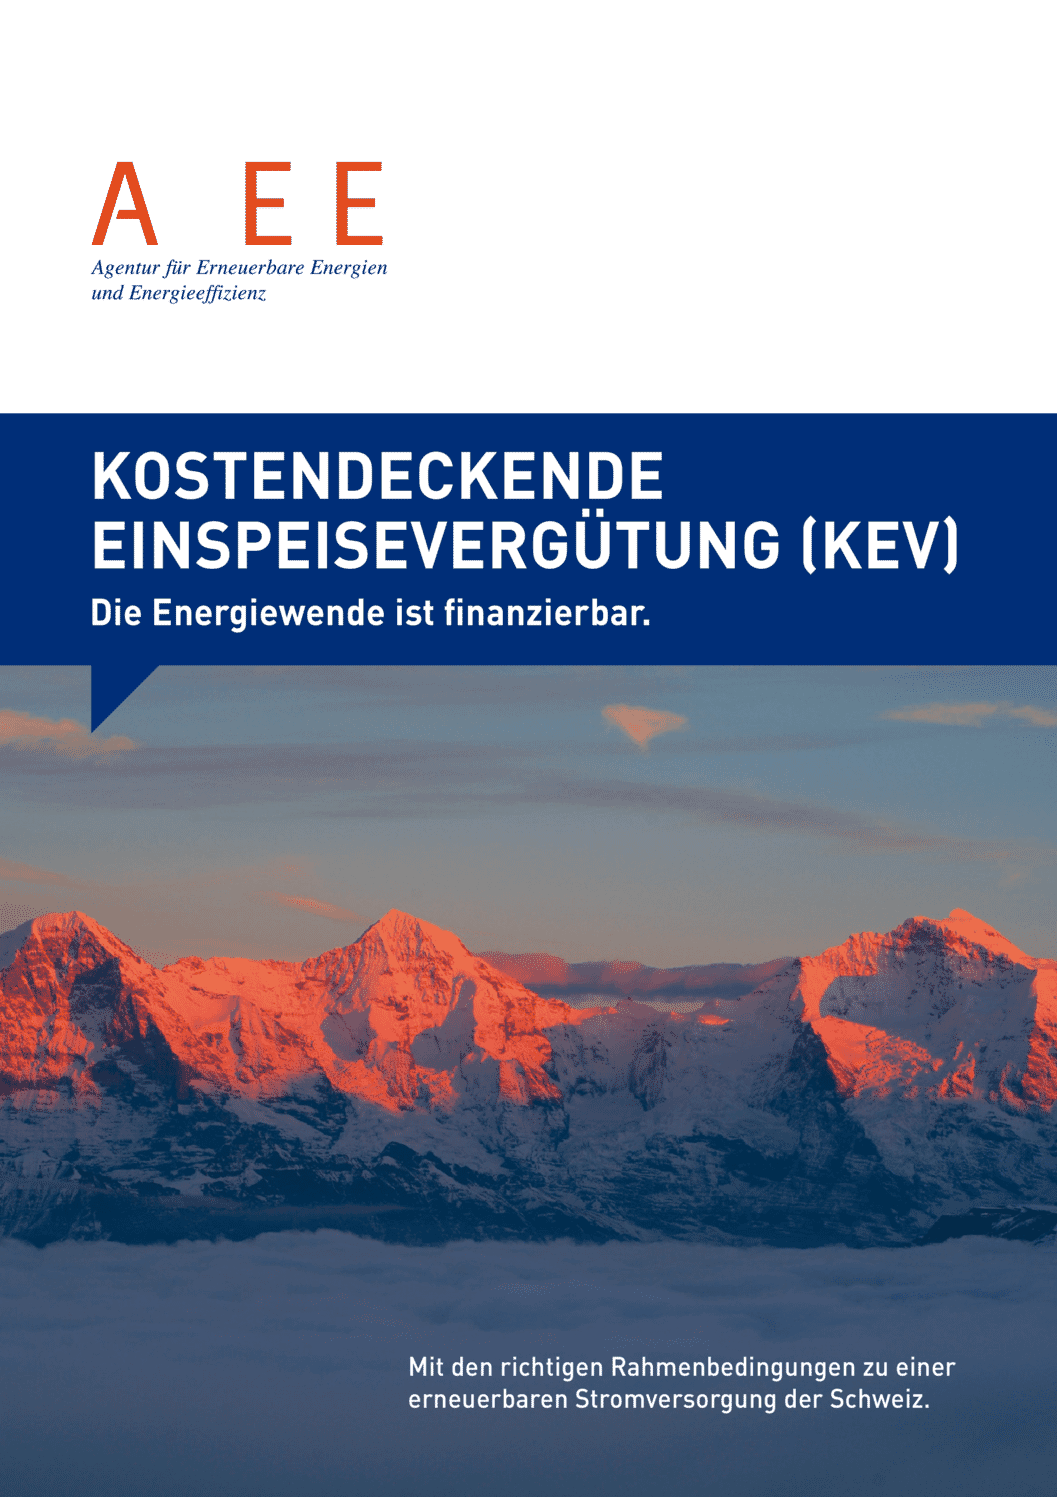 aee suisse Kostendeckende Einspeiseverguetung KEV